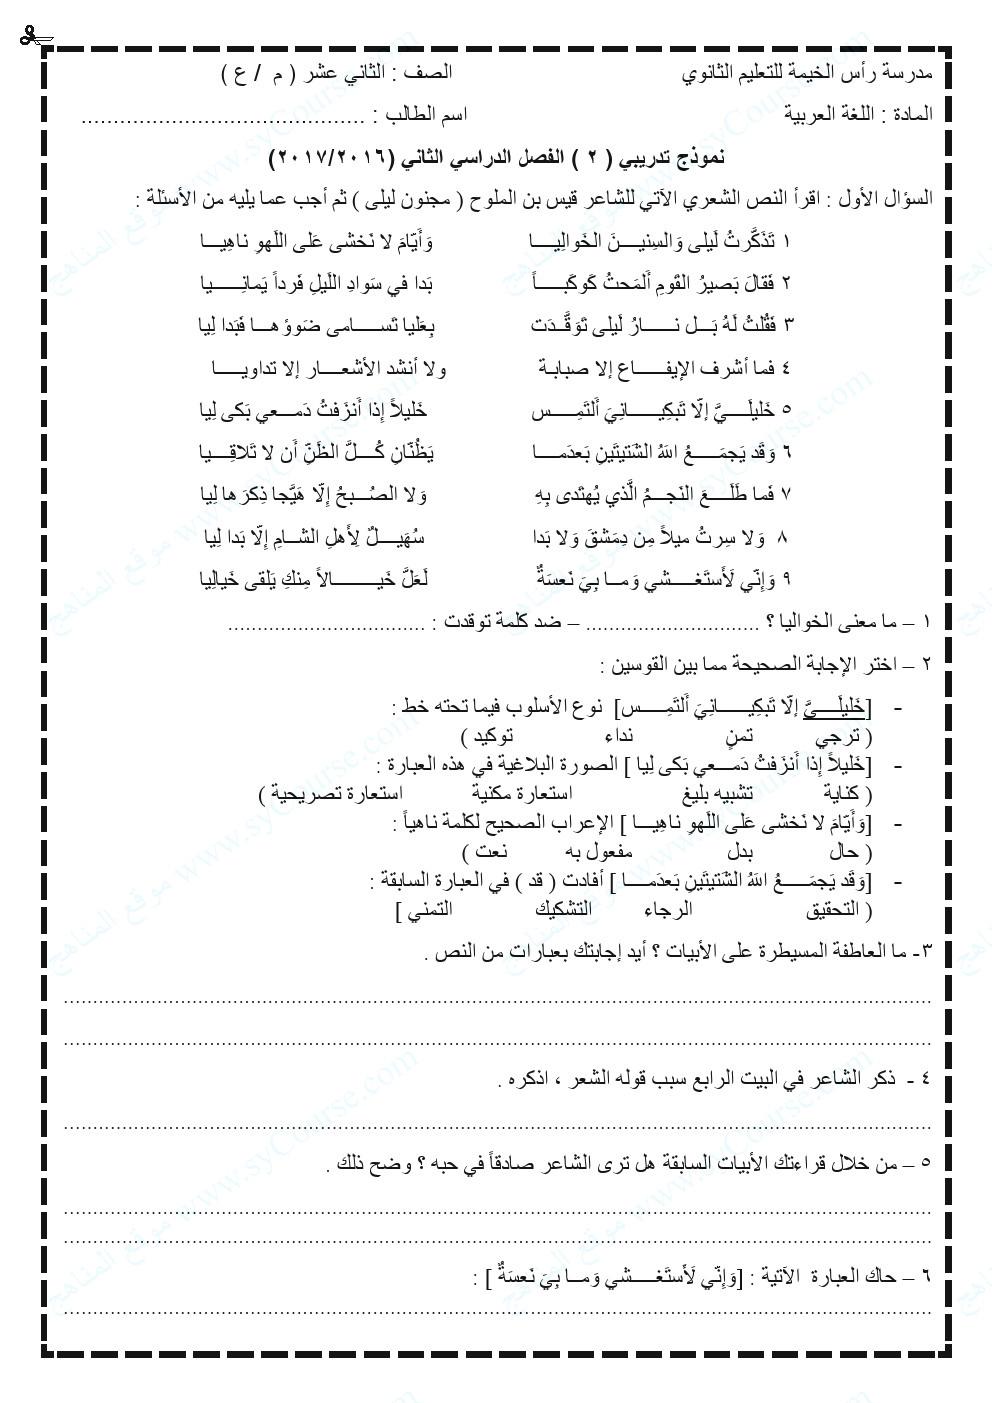 اختبار ثاني فصل أول لغه عربيه صف ثاني عشر